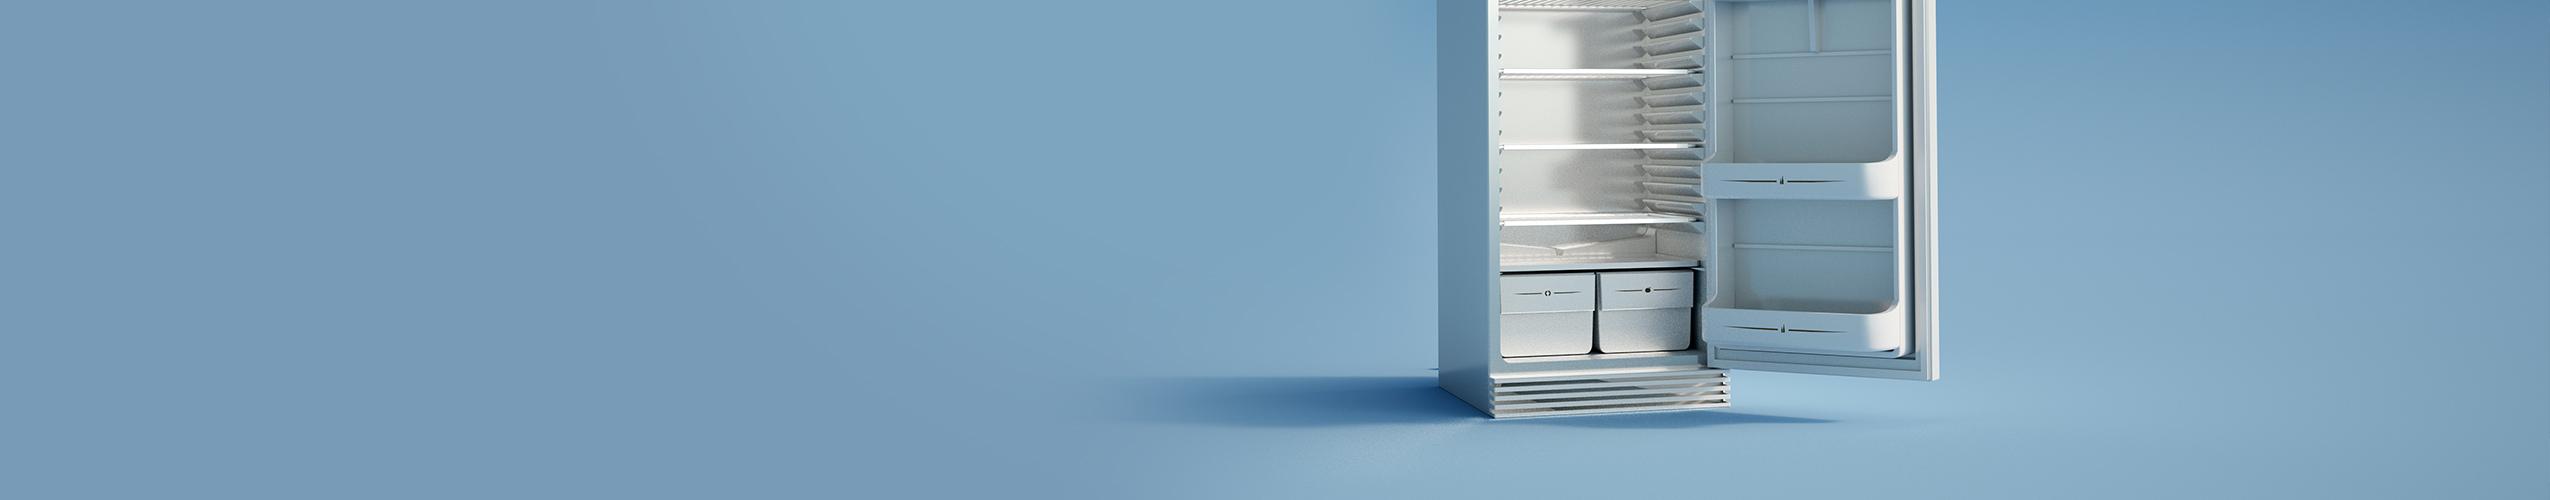 """<span class=""""header-titel"""">Onderdeel voor je koelkast nodig?</span>"""